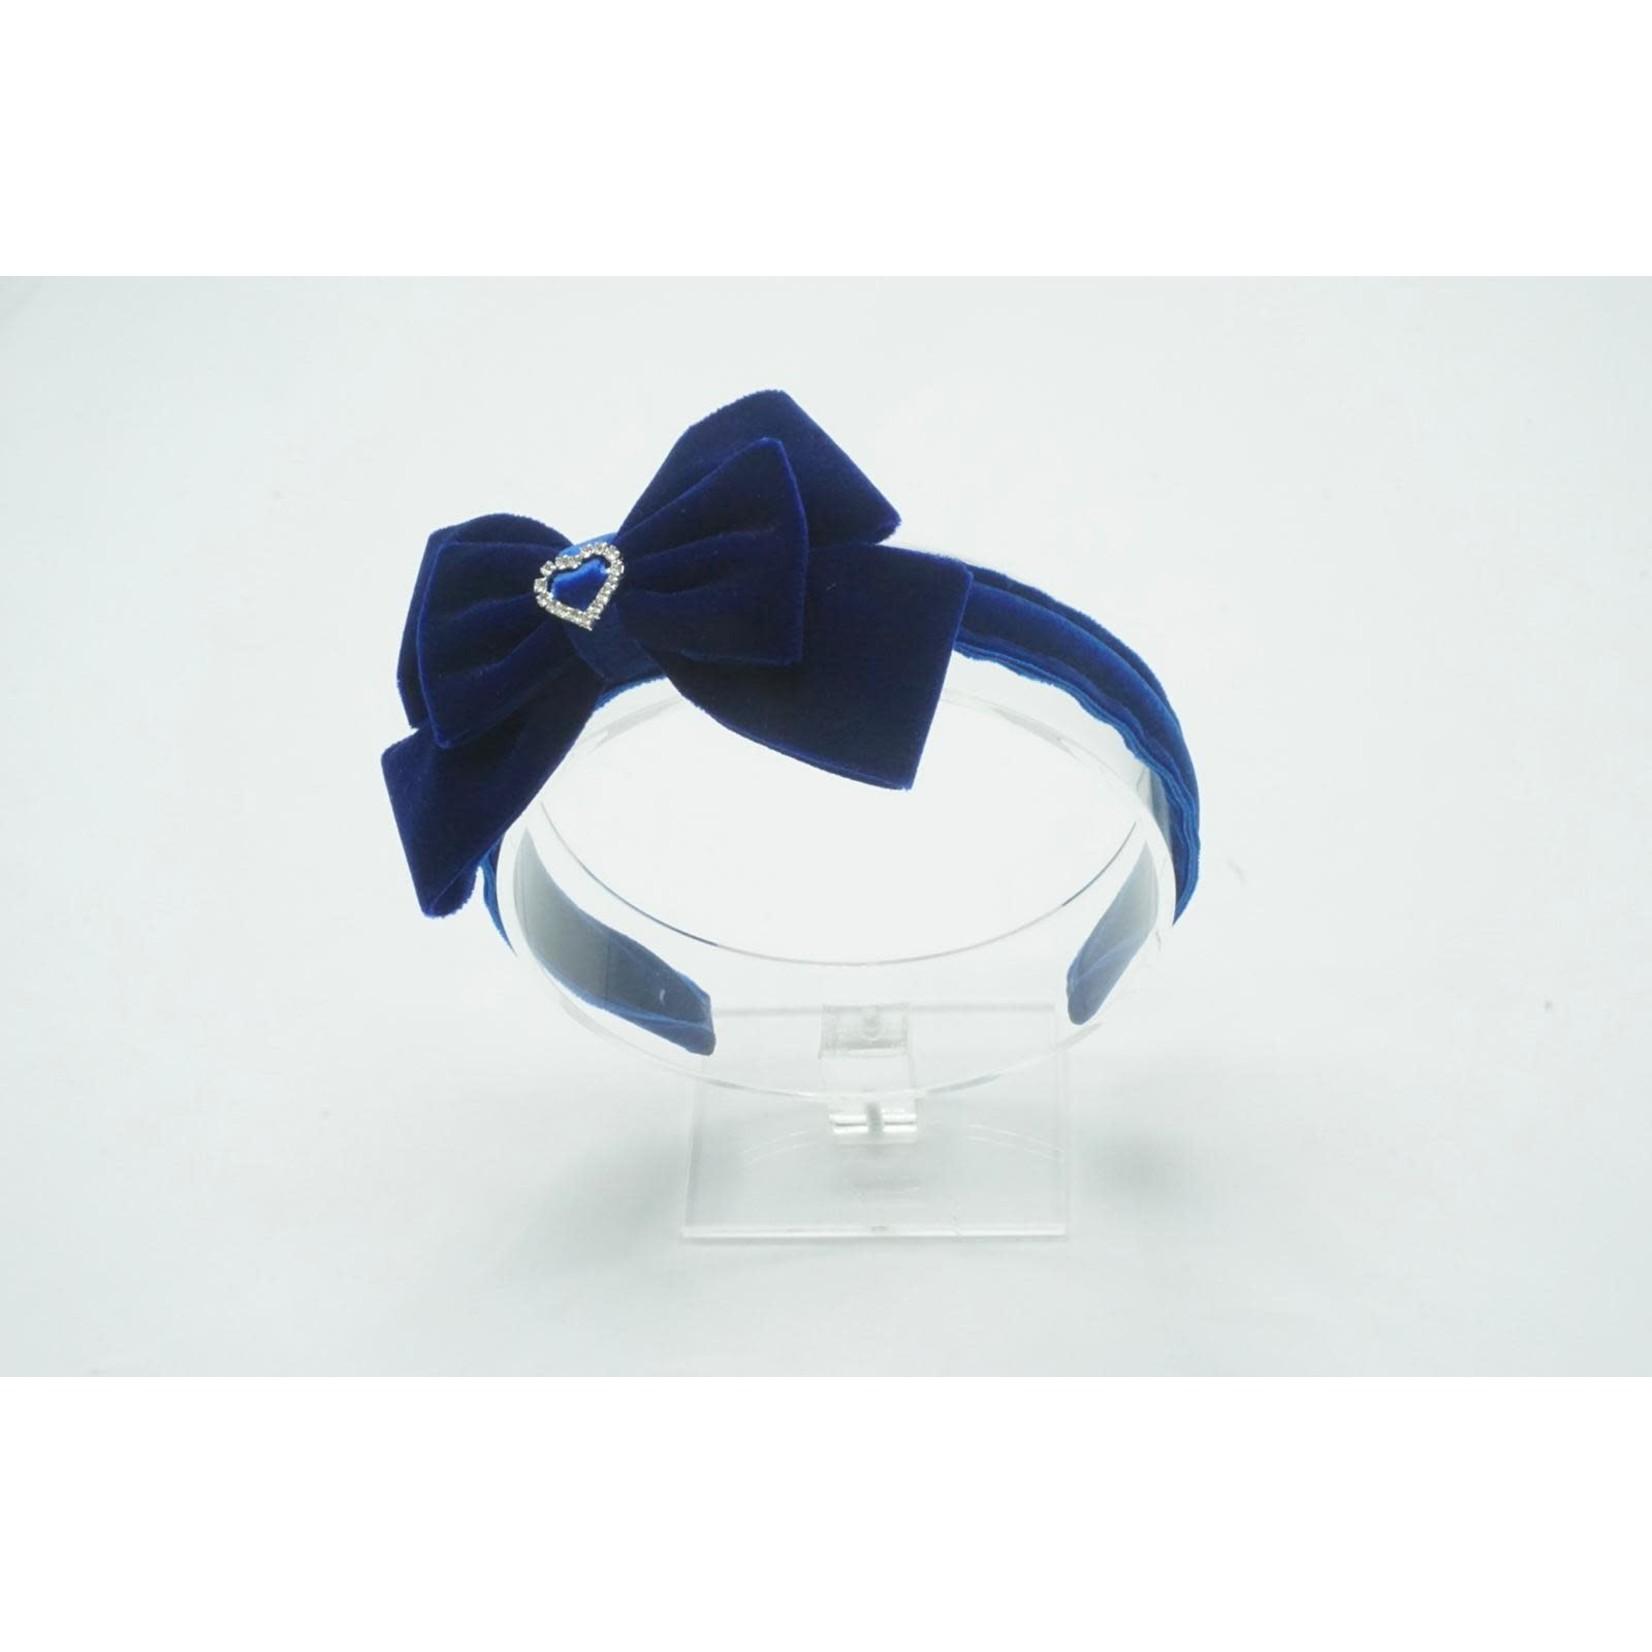 Petite Zara Velvet Diadeem Butterfly Bow - Navy